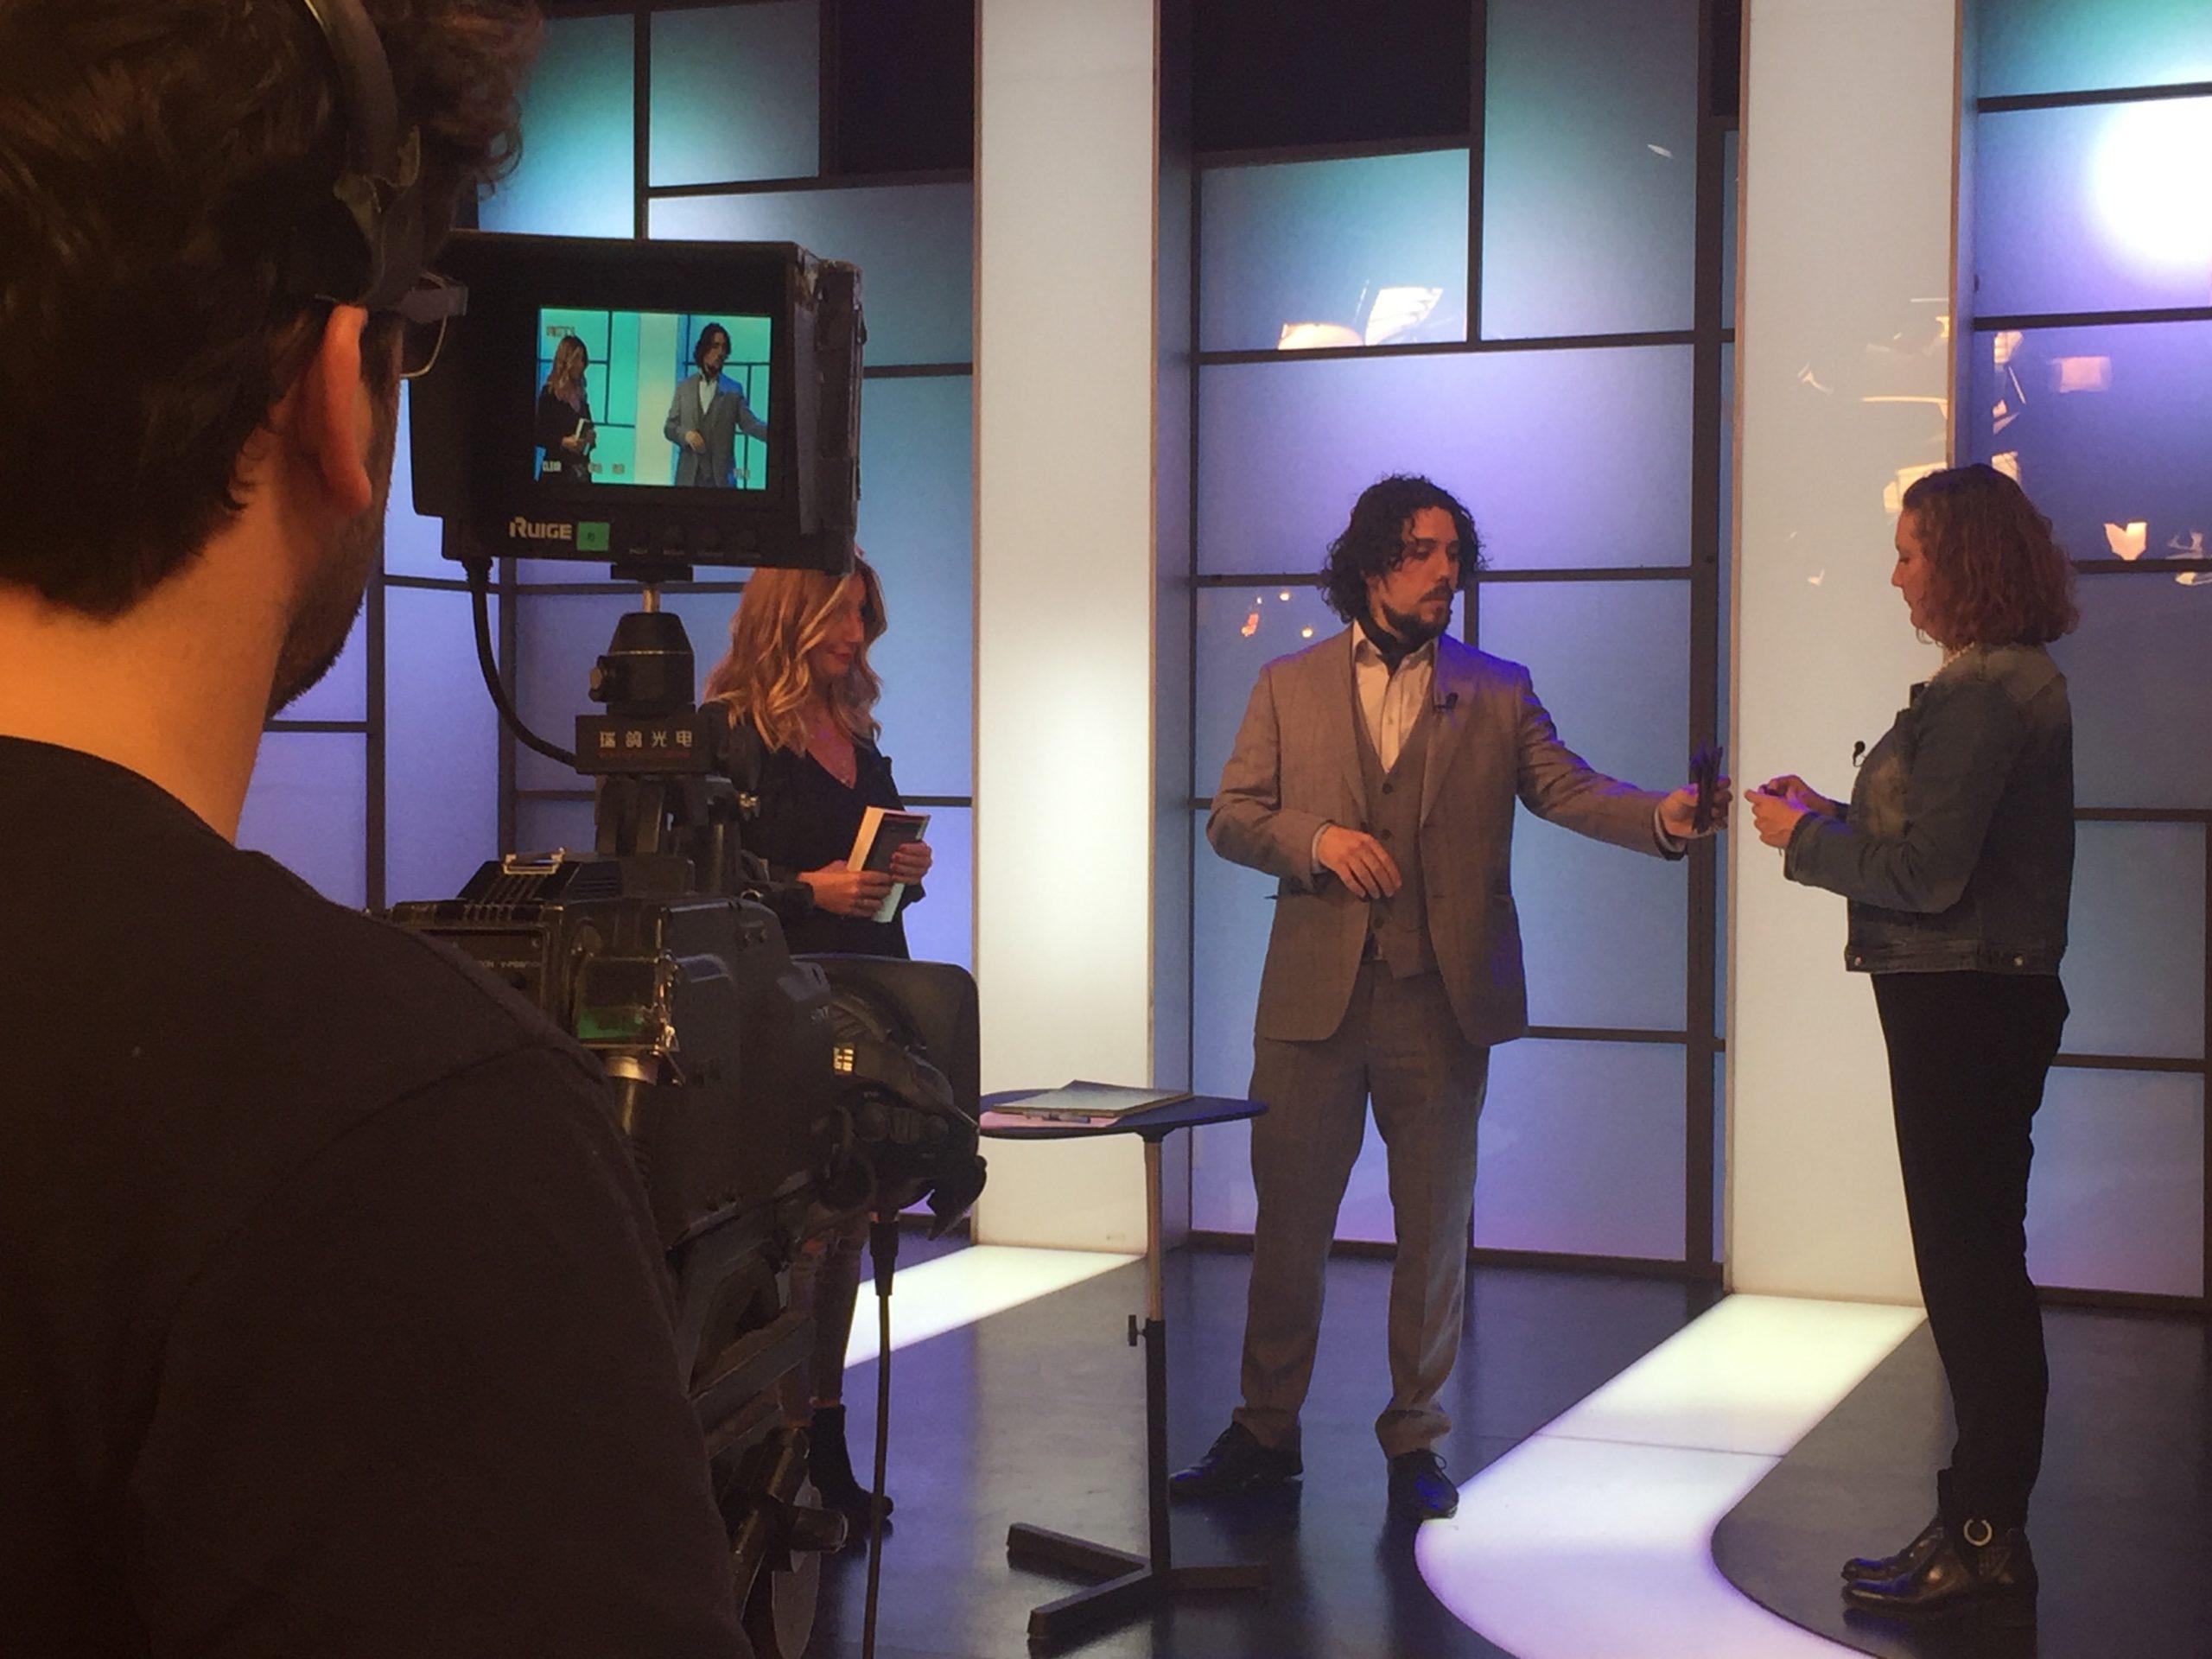 el Corinda. Claves del mentalismo. Max Verdie show de mentalismo en Valladolid